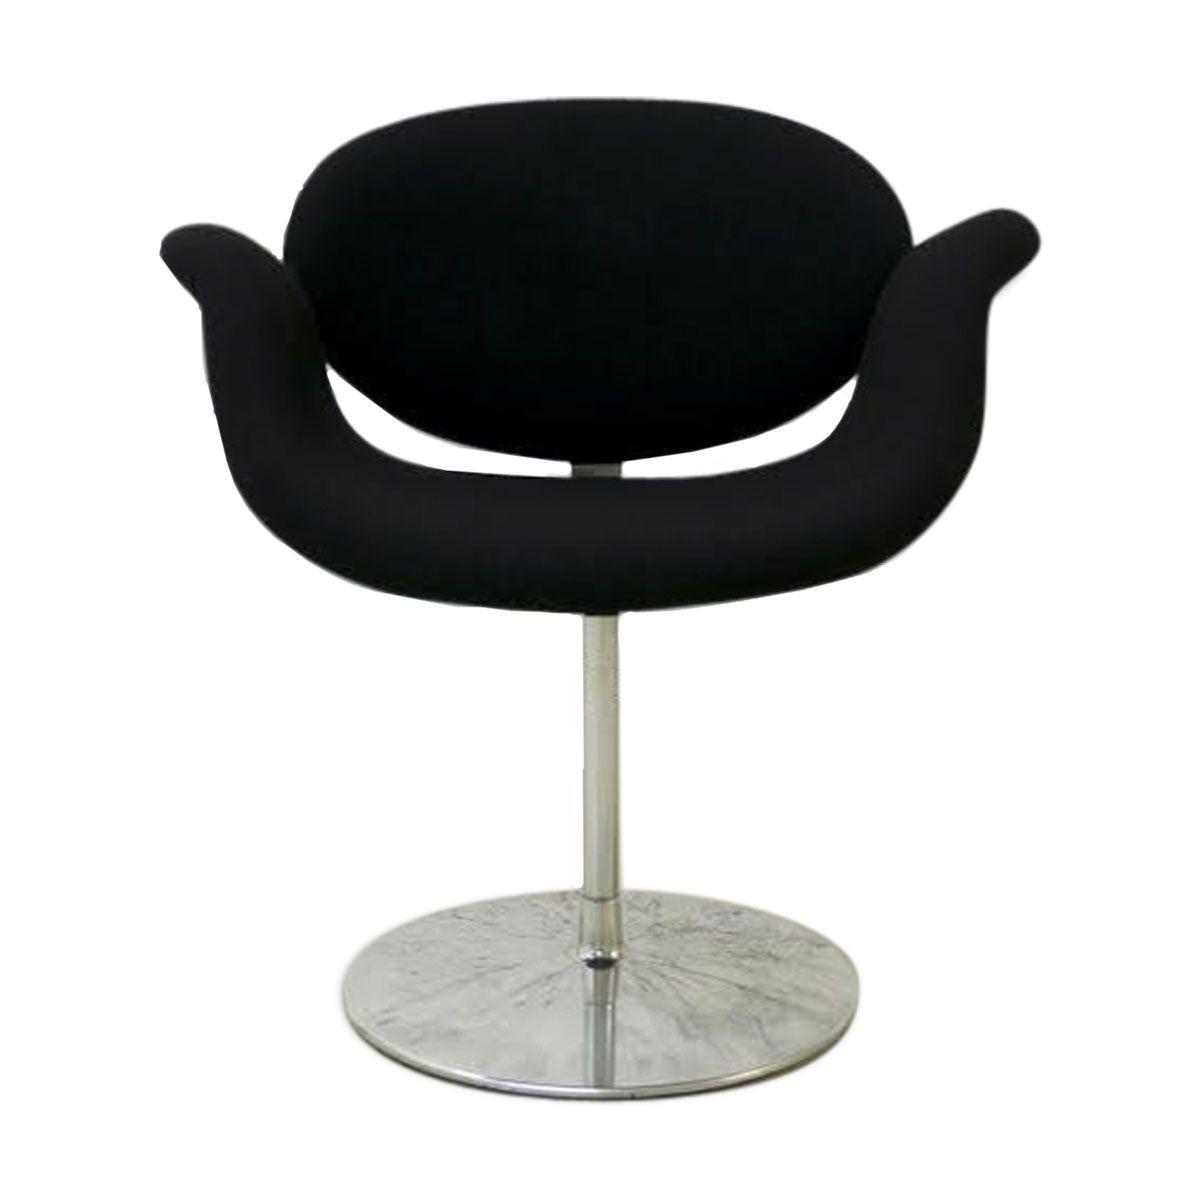 petit fauteuil tulipe par pierre paulin pour artifort en. Black Bedroom Furniture Sets. Home Design Ideas